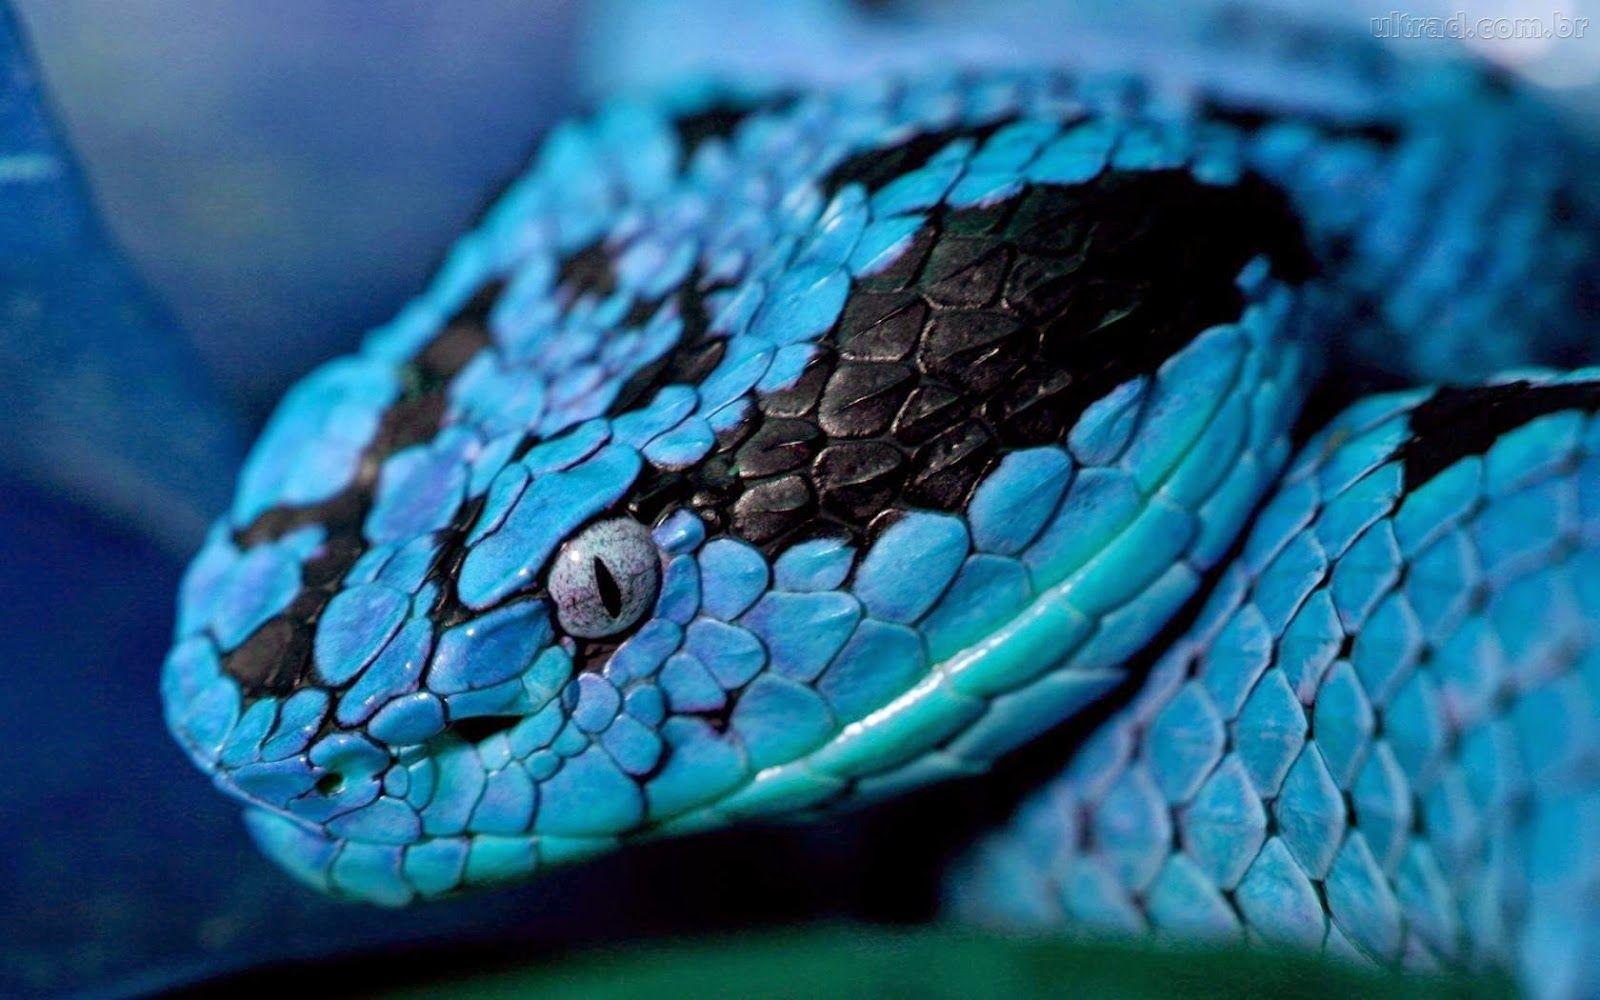 Pin Von Chumani On Tree Auf Snakes Bunte Schlangen Schone Schlangen Schlangenbilder